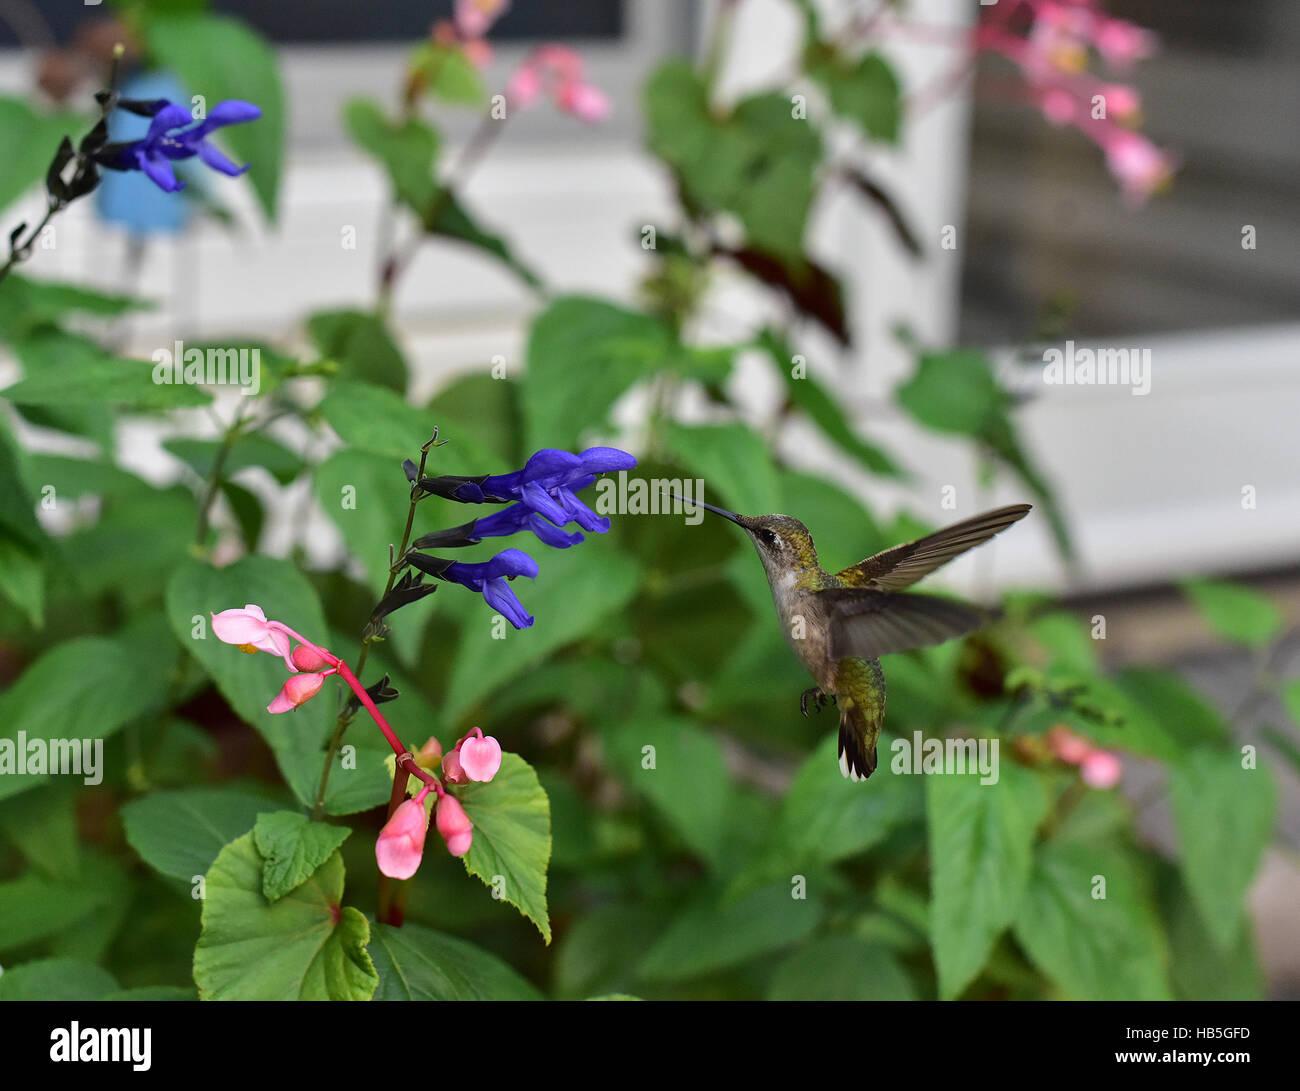 Kolibri (Archilochos Colubris) schwebt um eine Blume auf einem Schmetterlingsstrauch (Asclepias Syriaca) zu überprüfen, bevor Sie ihren Nektar zu sammeln. Stockfoto